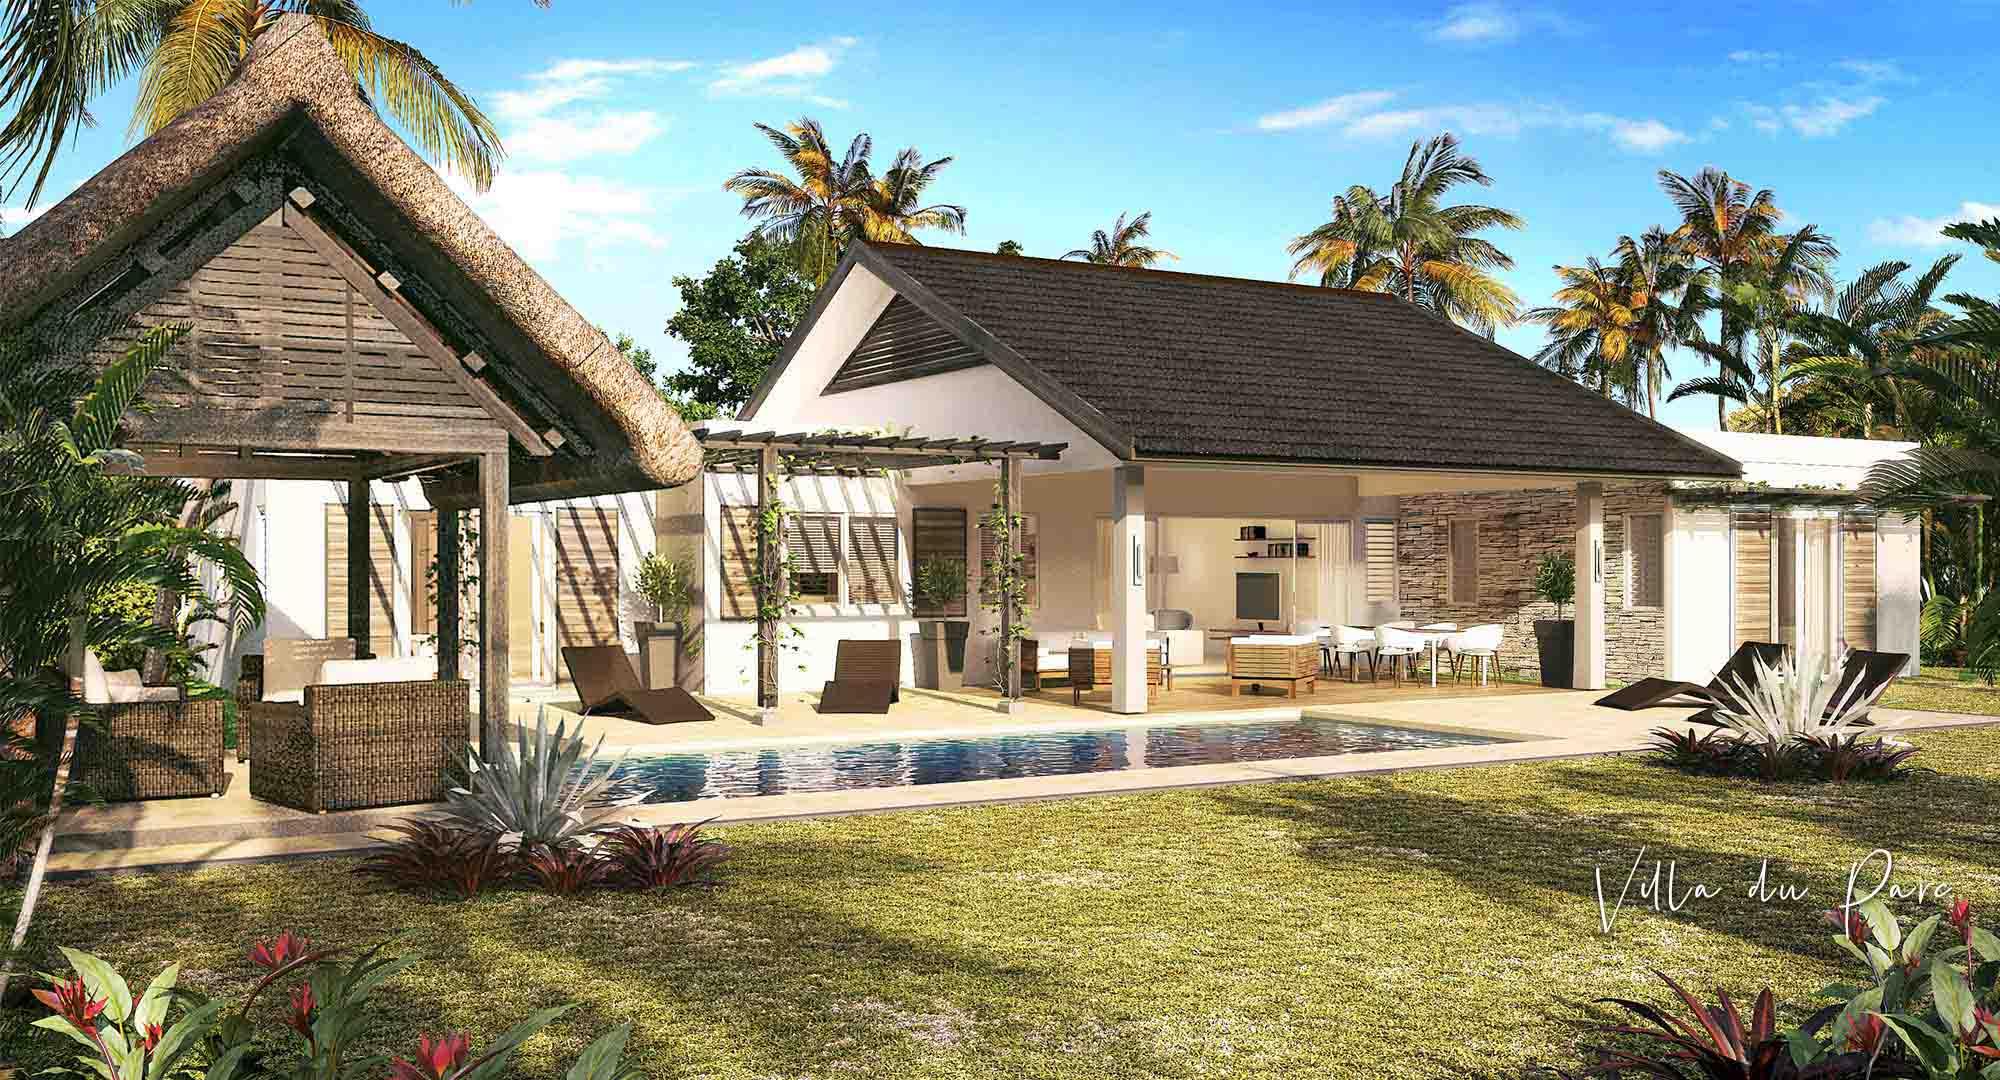 Les Villas du Parc : un style épuré et contemporain Île Maurice